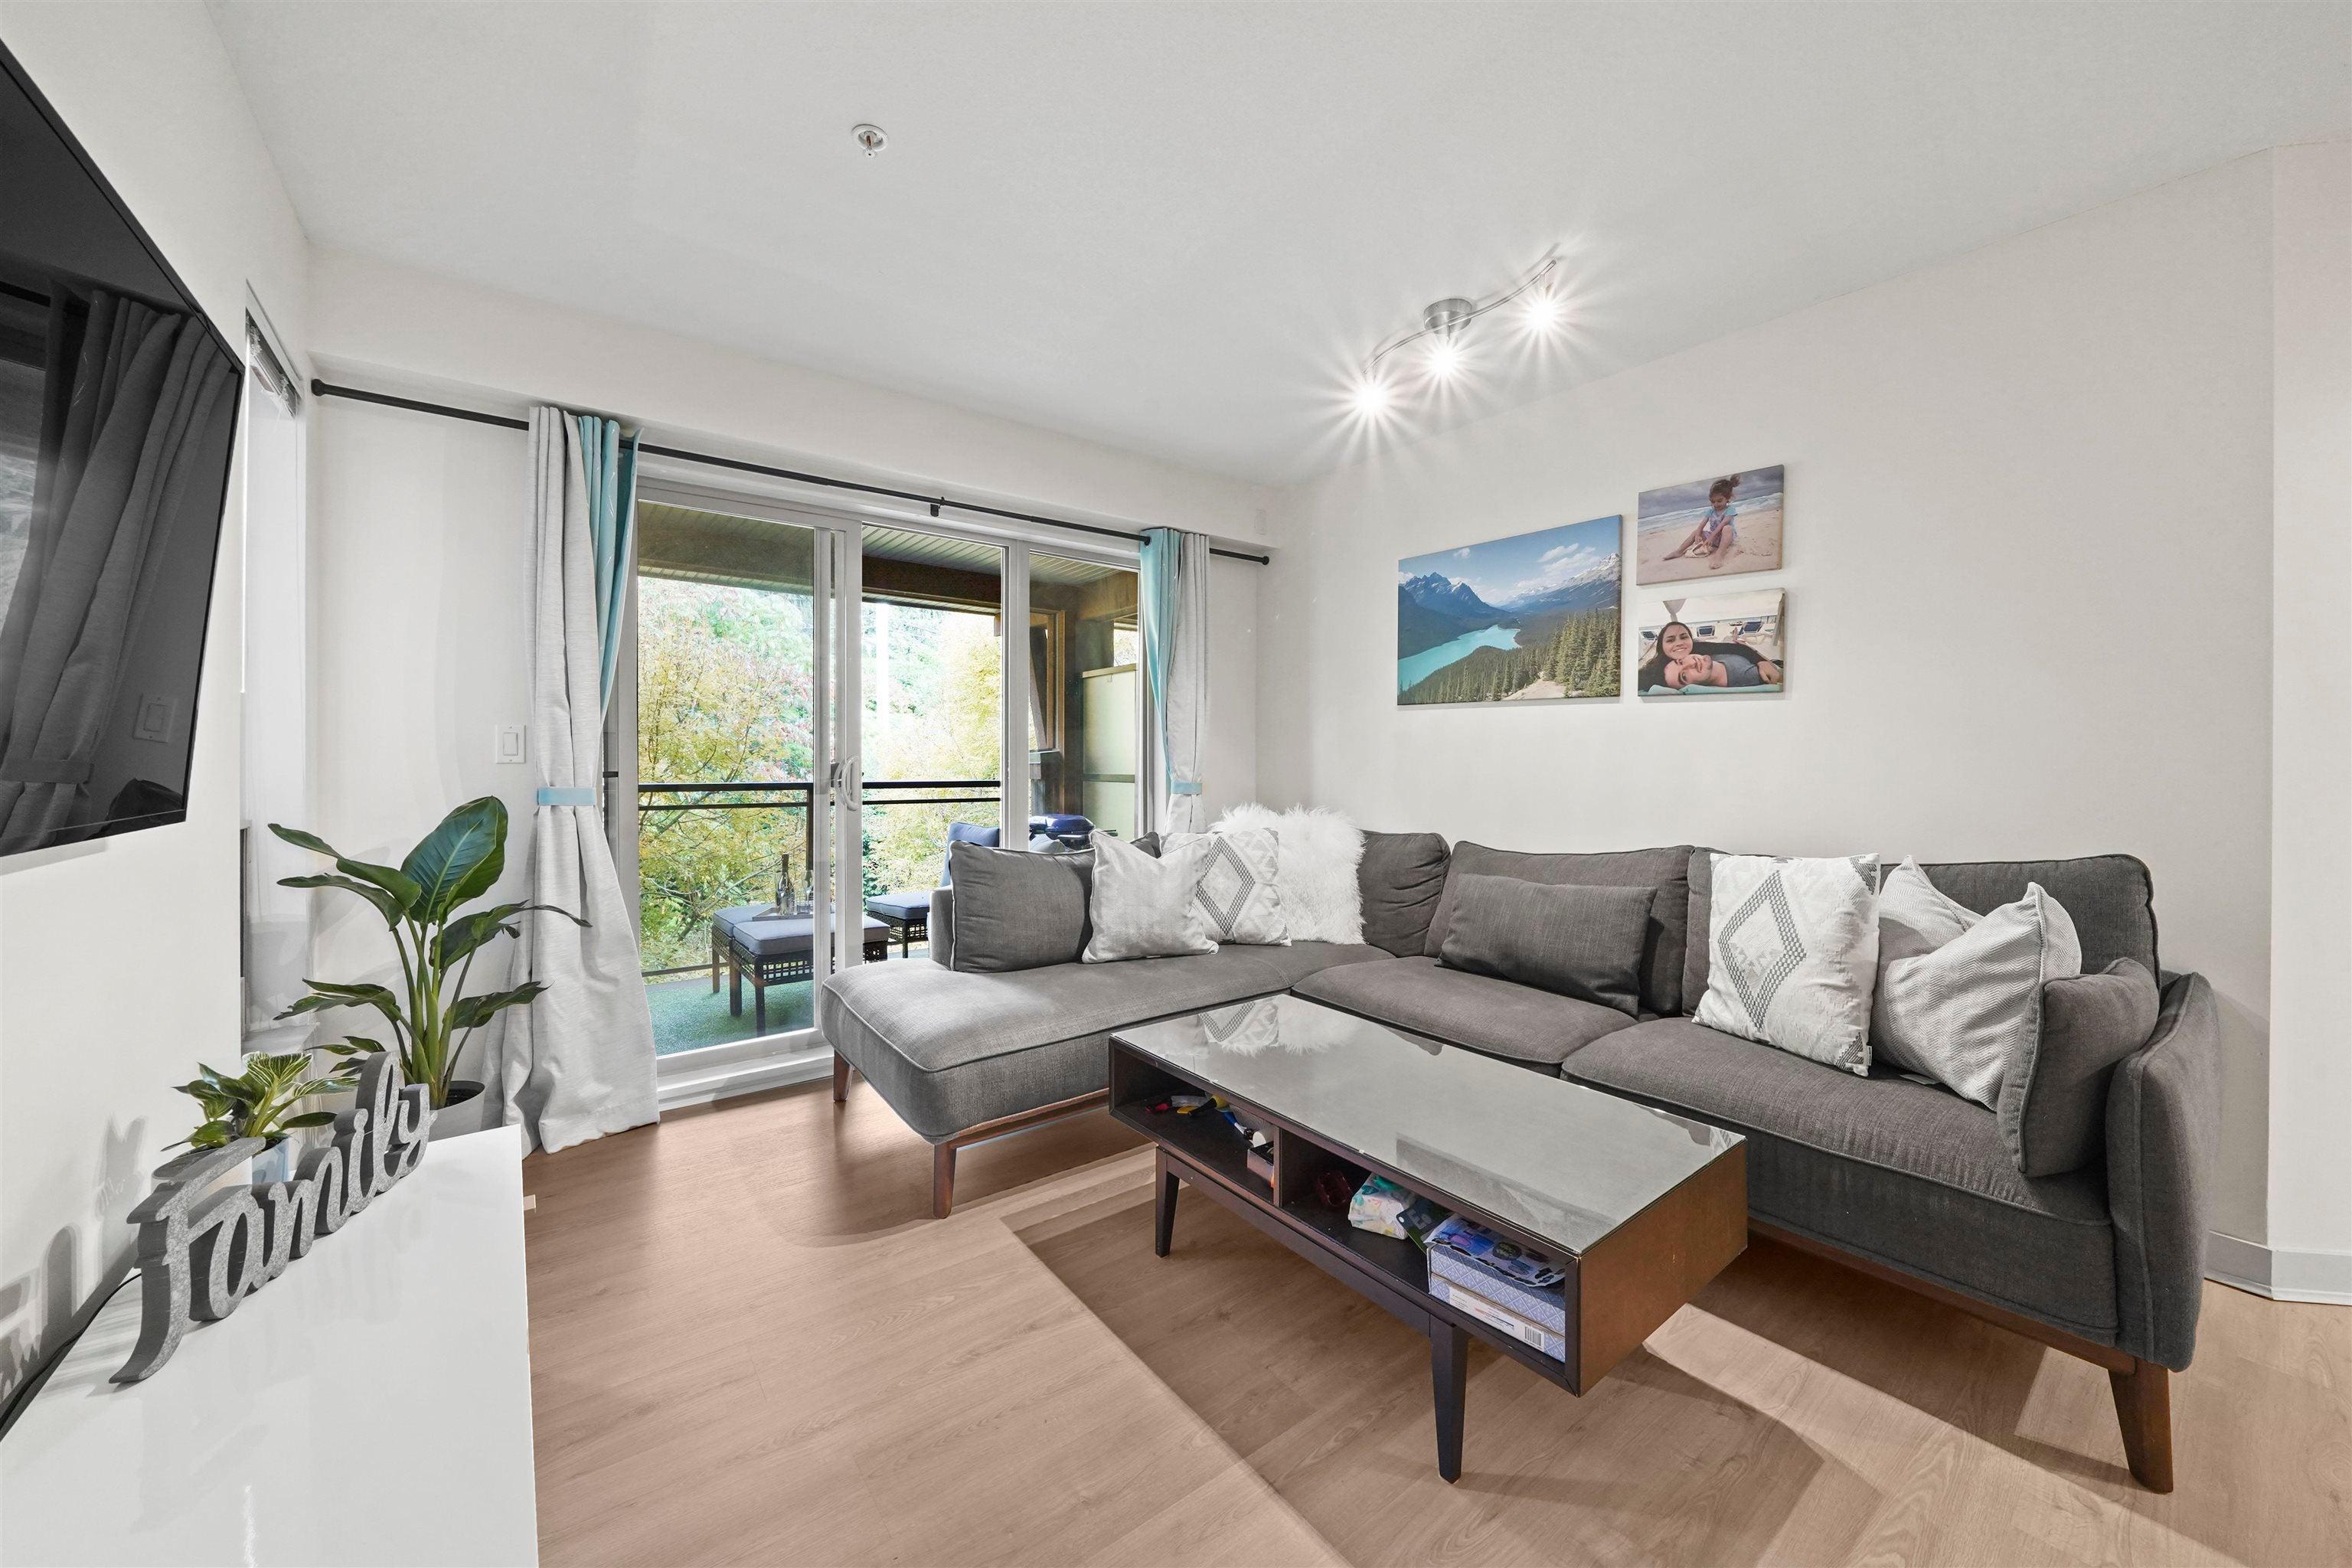 319 1633 MACKAY AVENUE - Pemberton NV Apartment/Condo for sale, 2 Bedrooms (R2624916) - #11